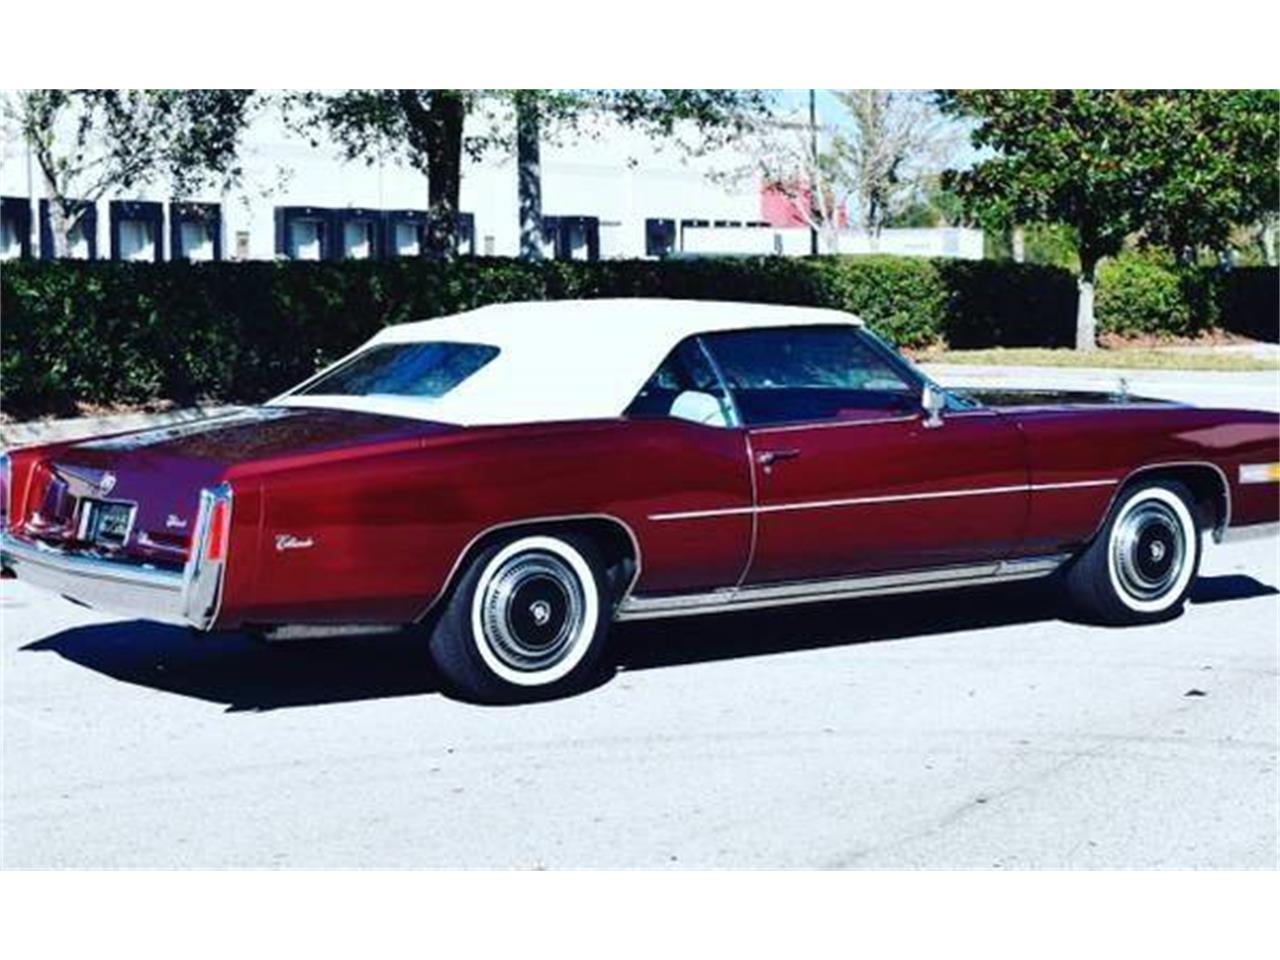 1976 Cadillac Eldorado for sale in Long Island, NY ...